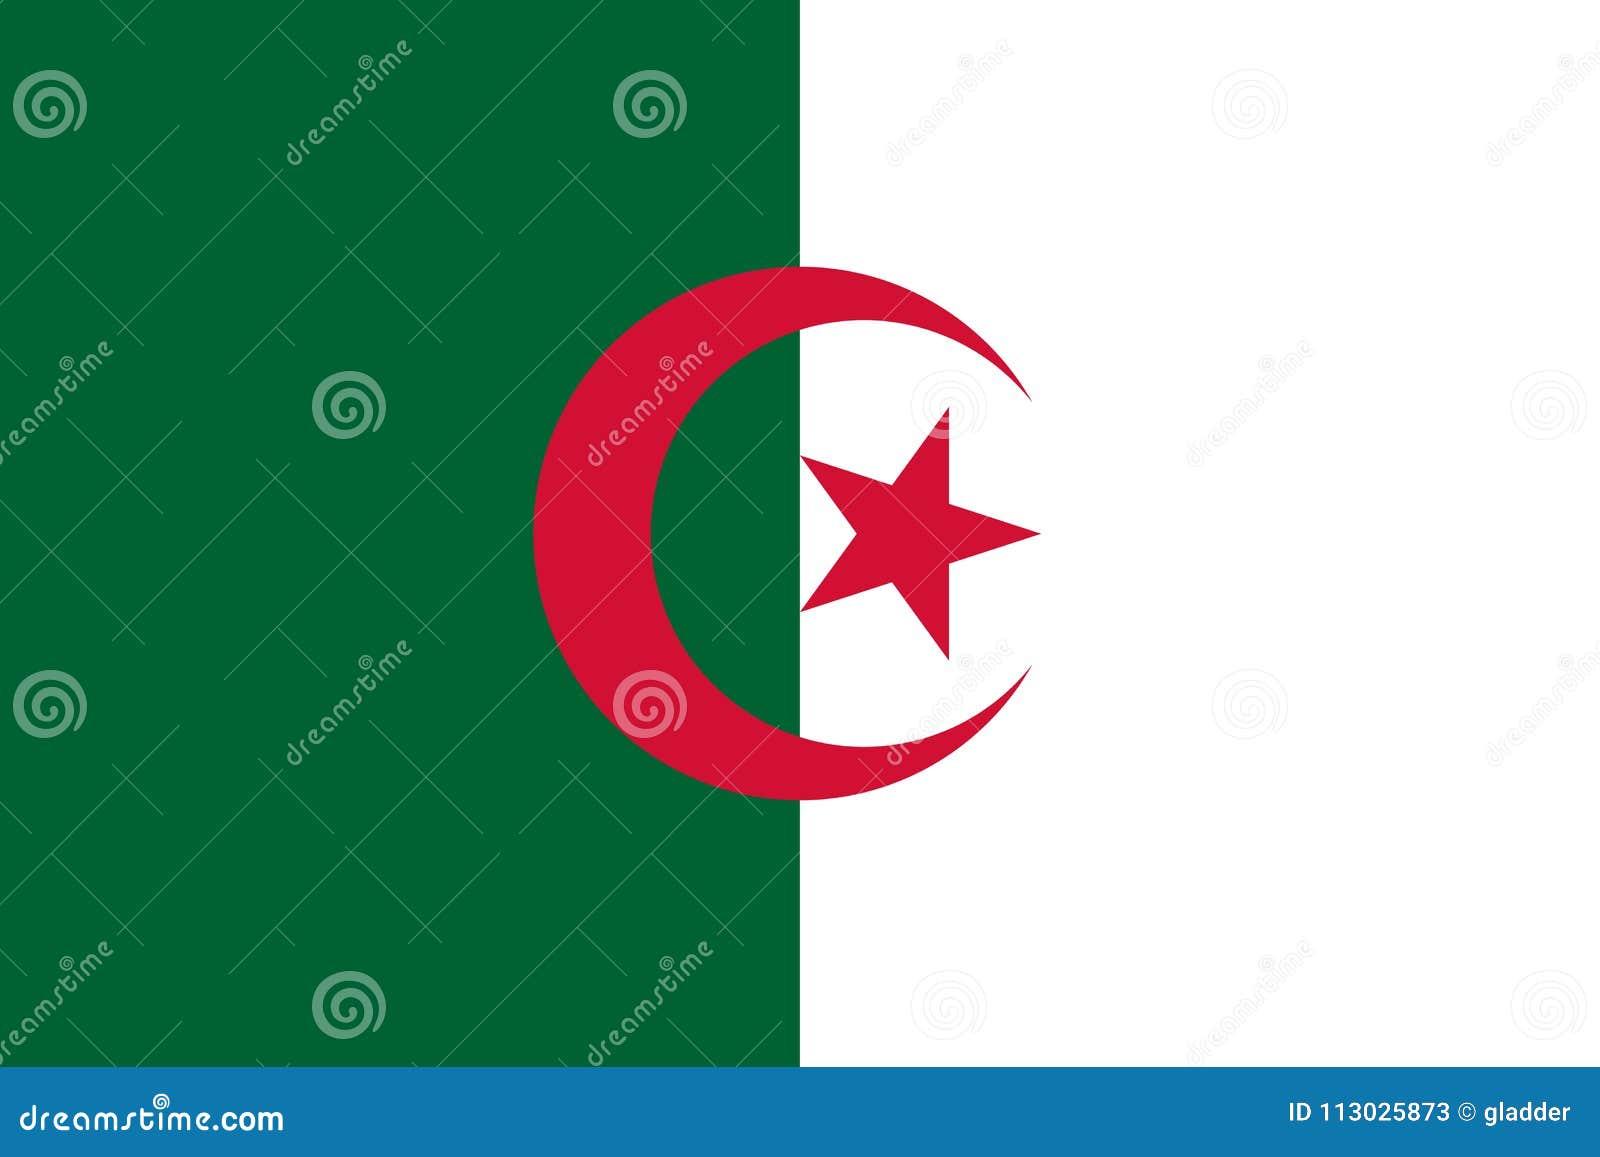 Bandera de los colores y de las proporciones oficiales, imagen de Argelia